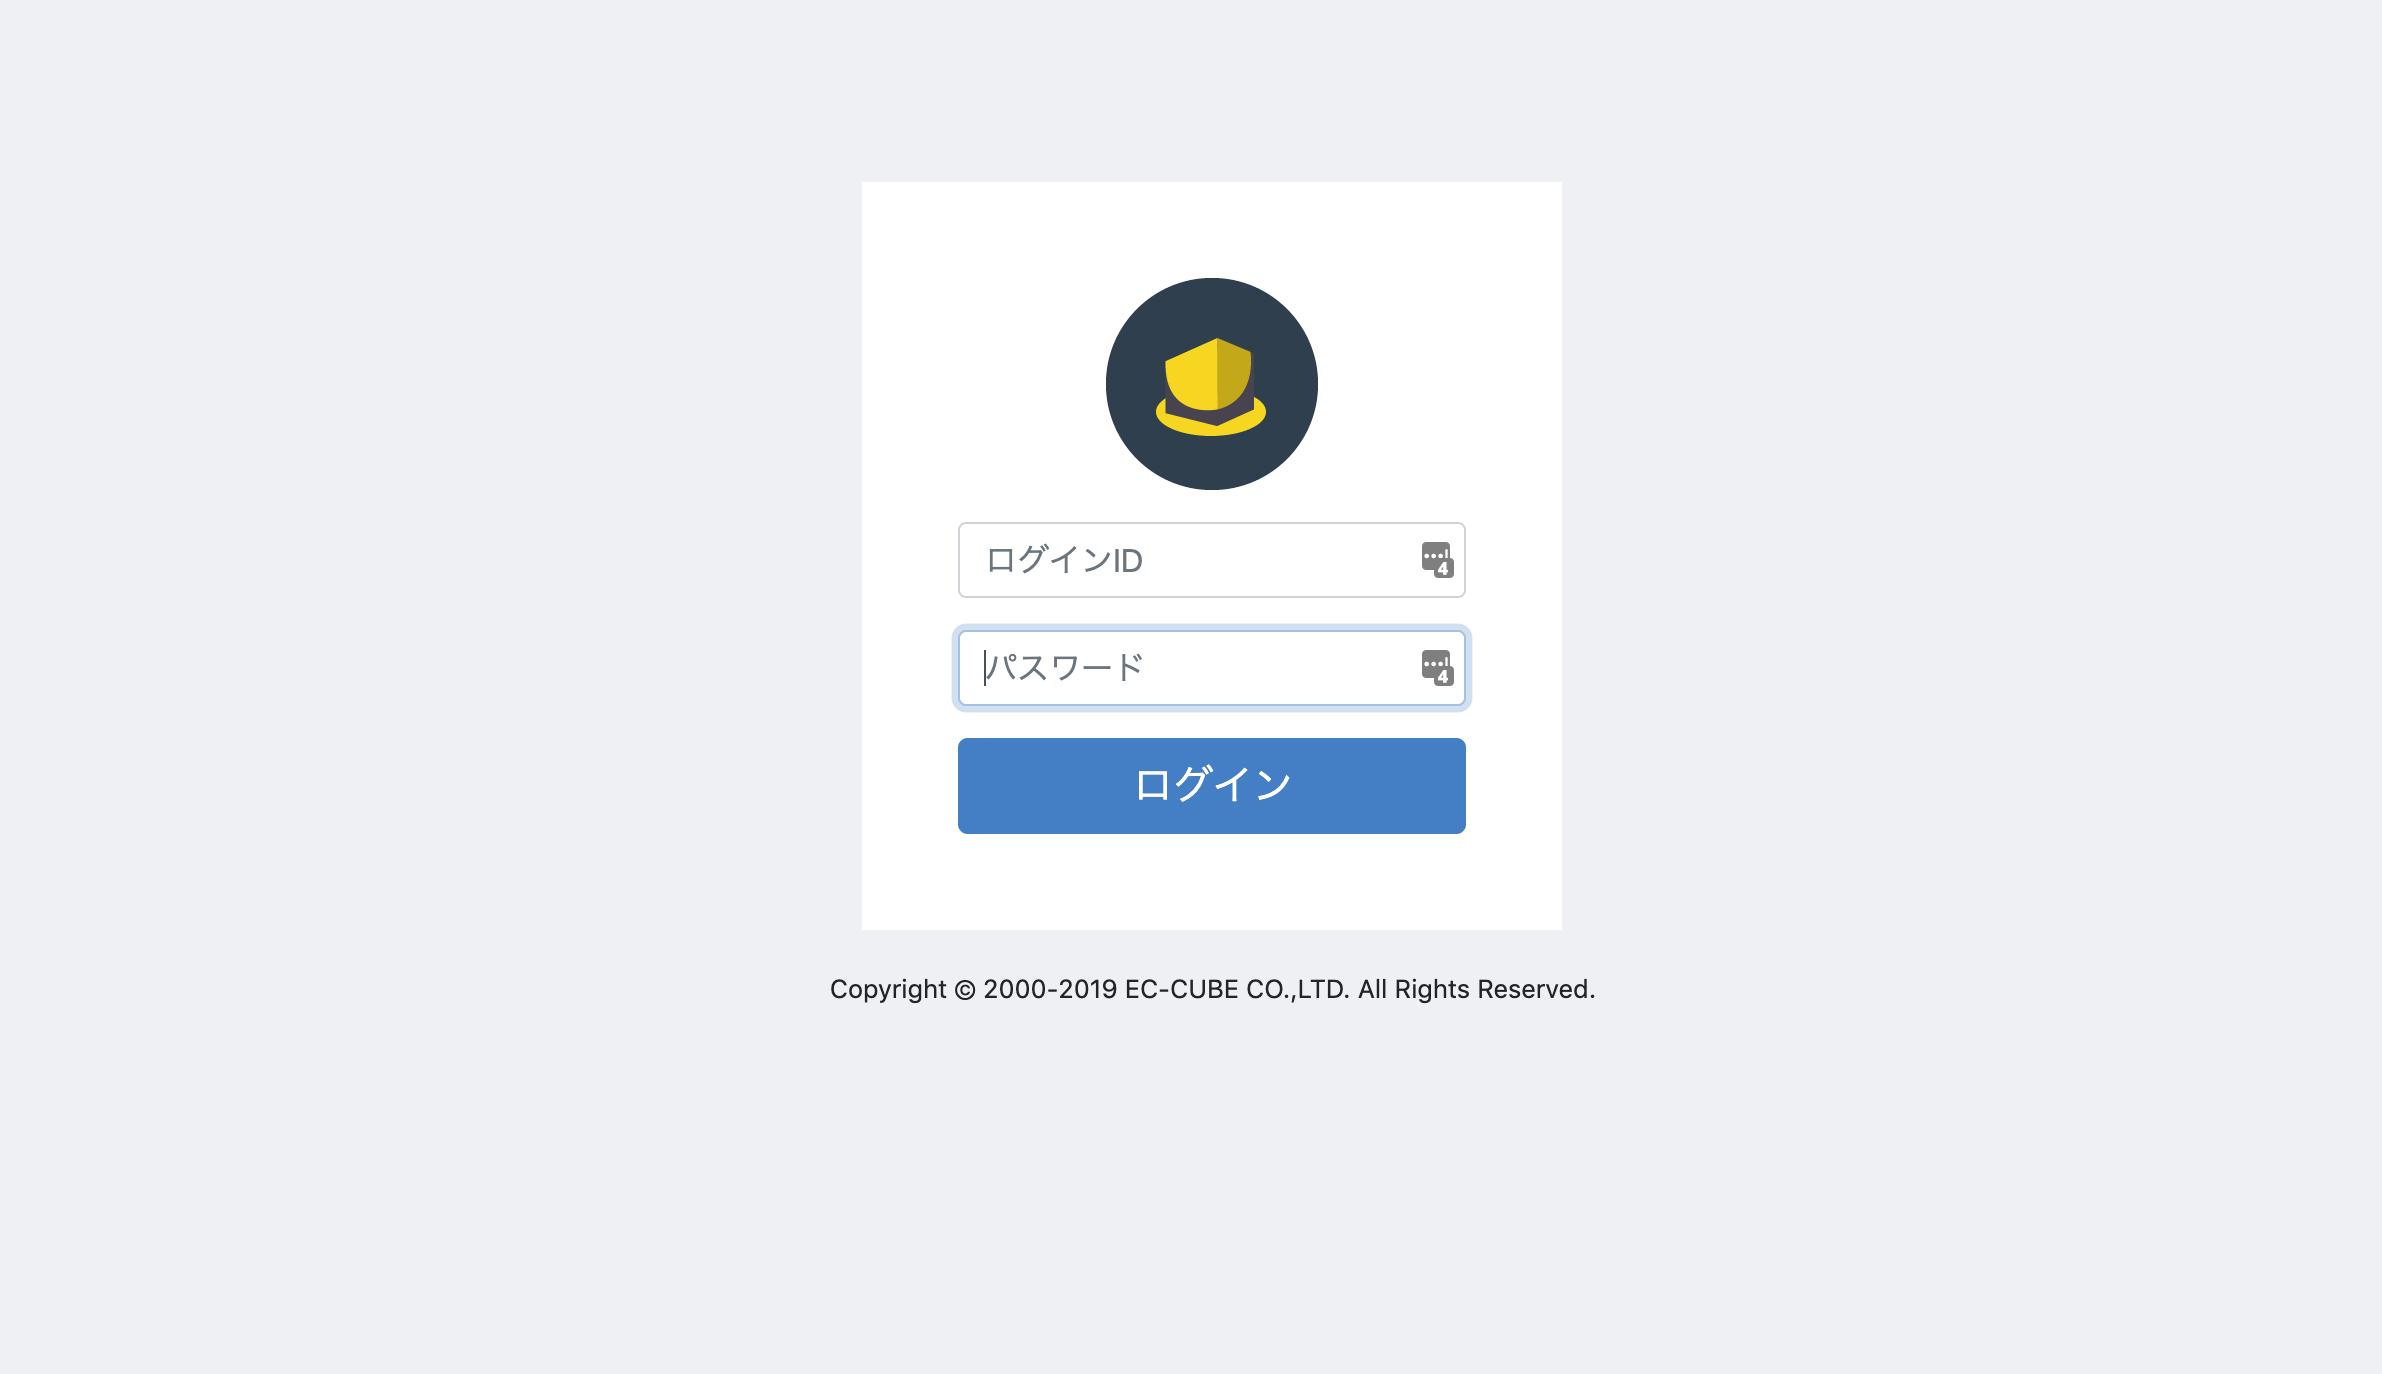 スクリーンショット 2019-08-01 0.06.04.png